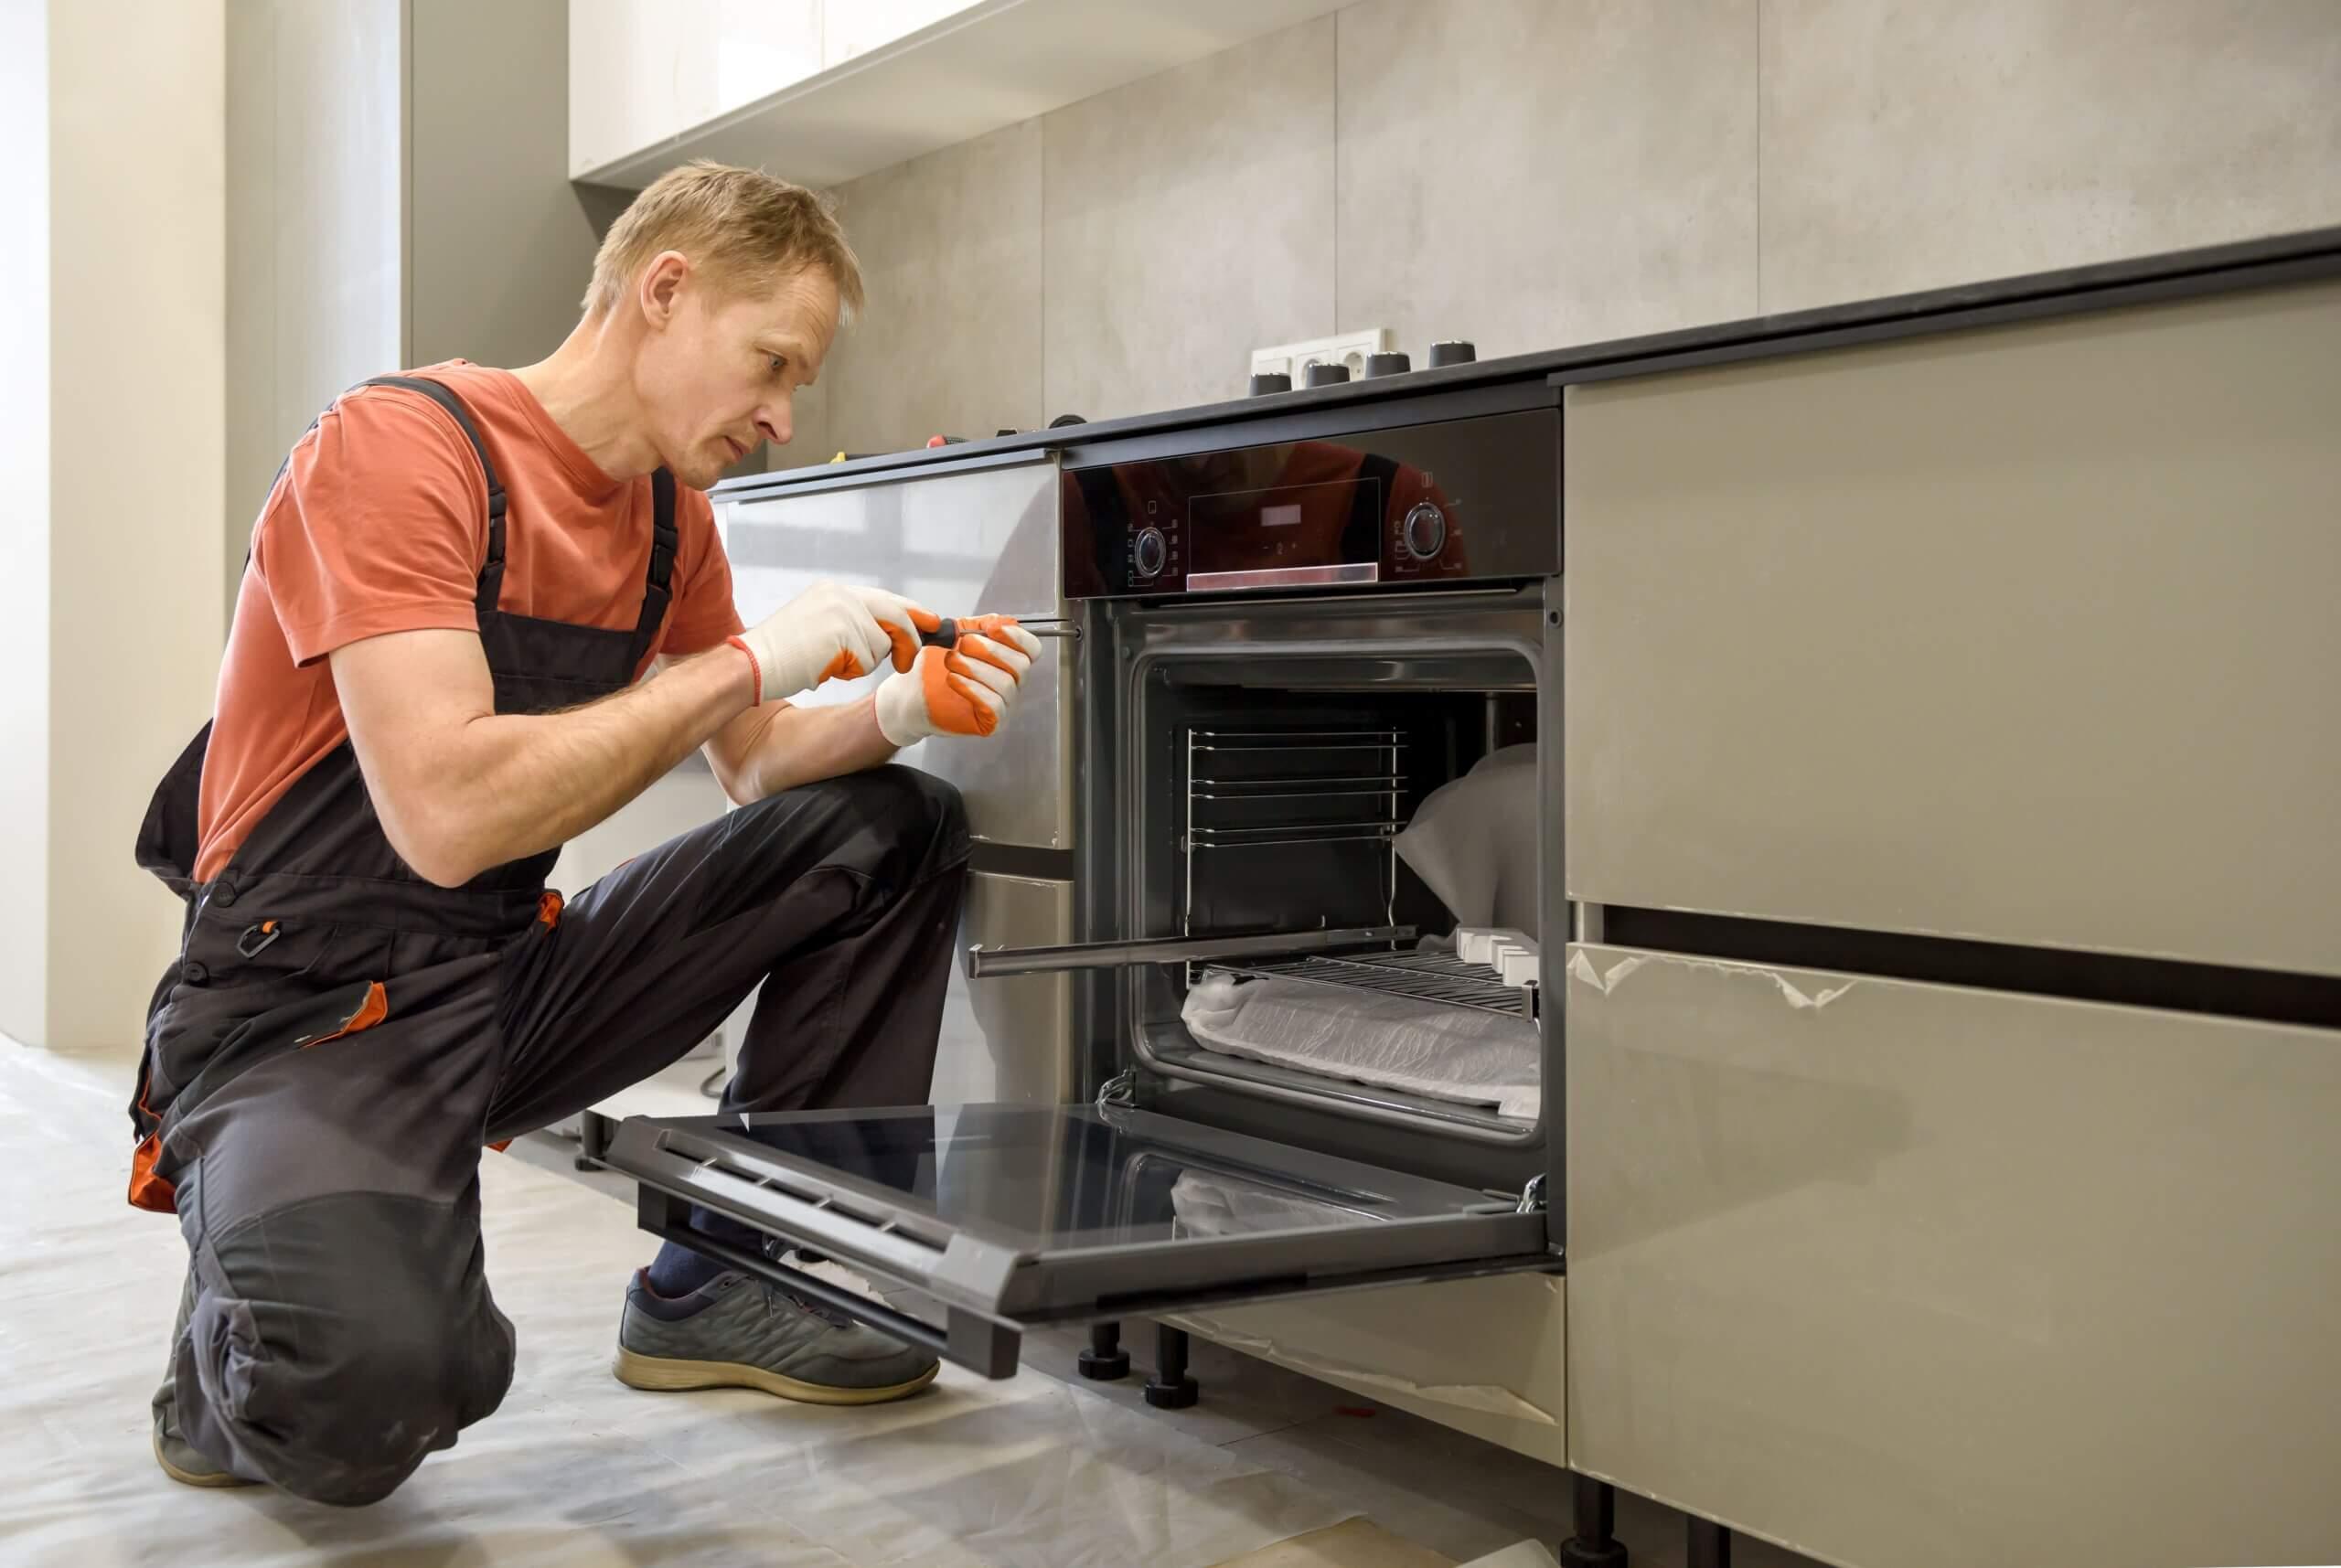 Reparatur der Haushaltsgeräte